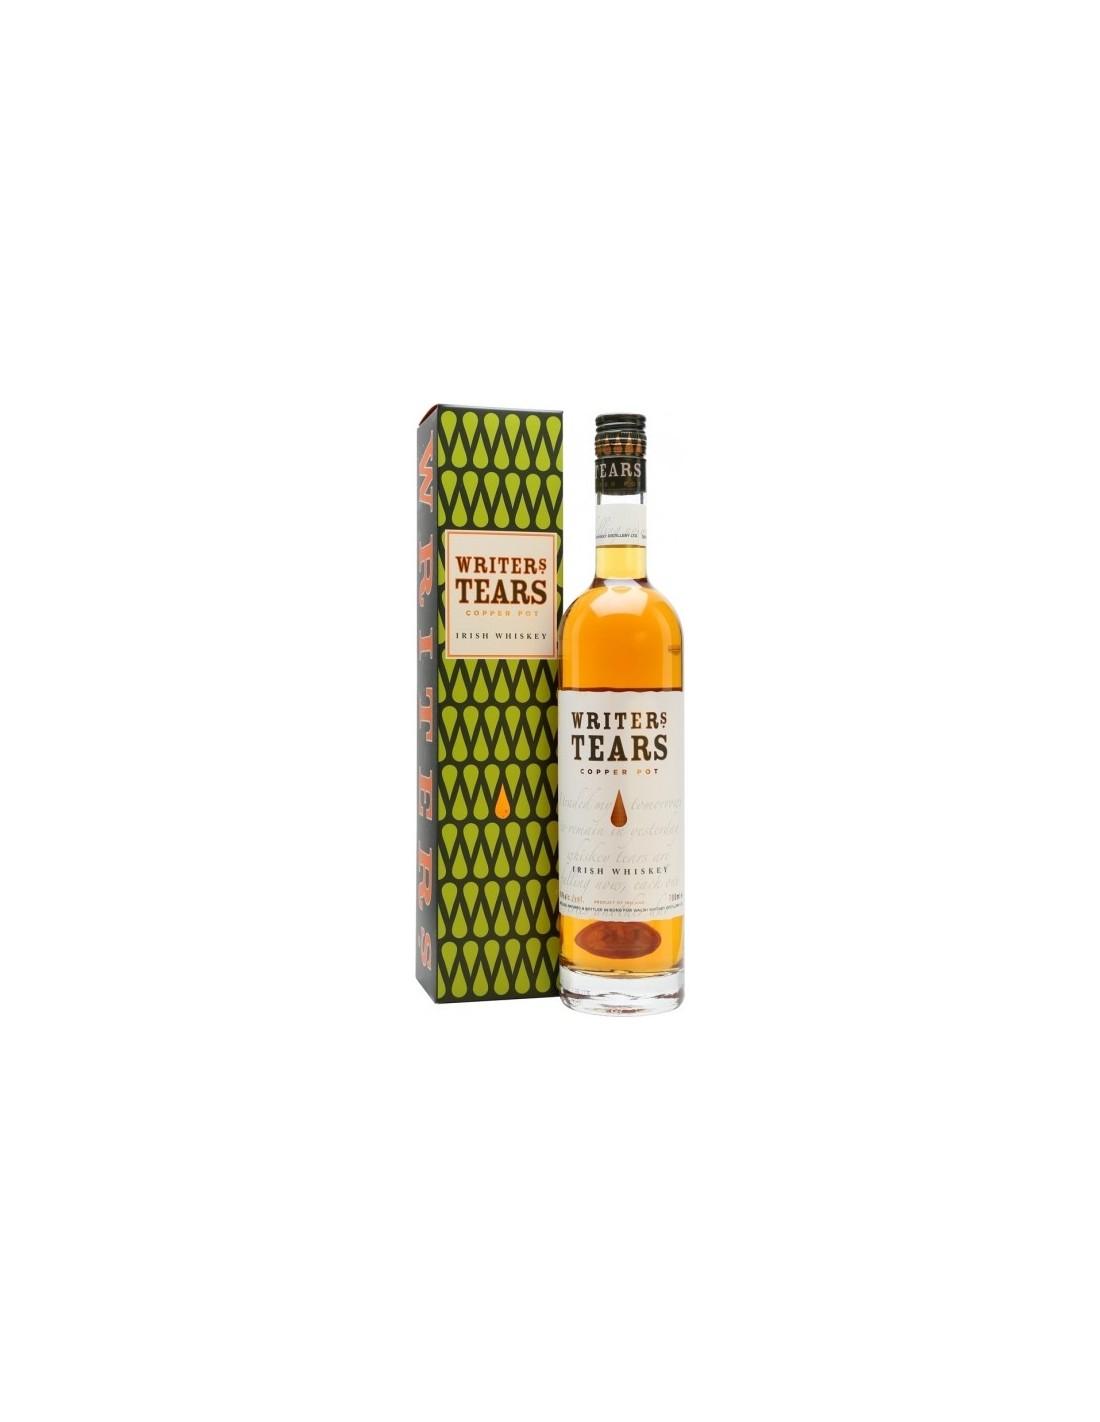 Irish Whisky Walsh, 40% alc., 0.7L, Irlanda